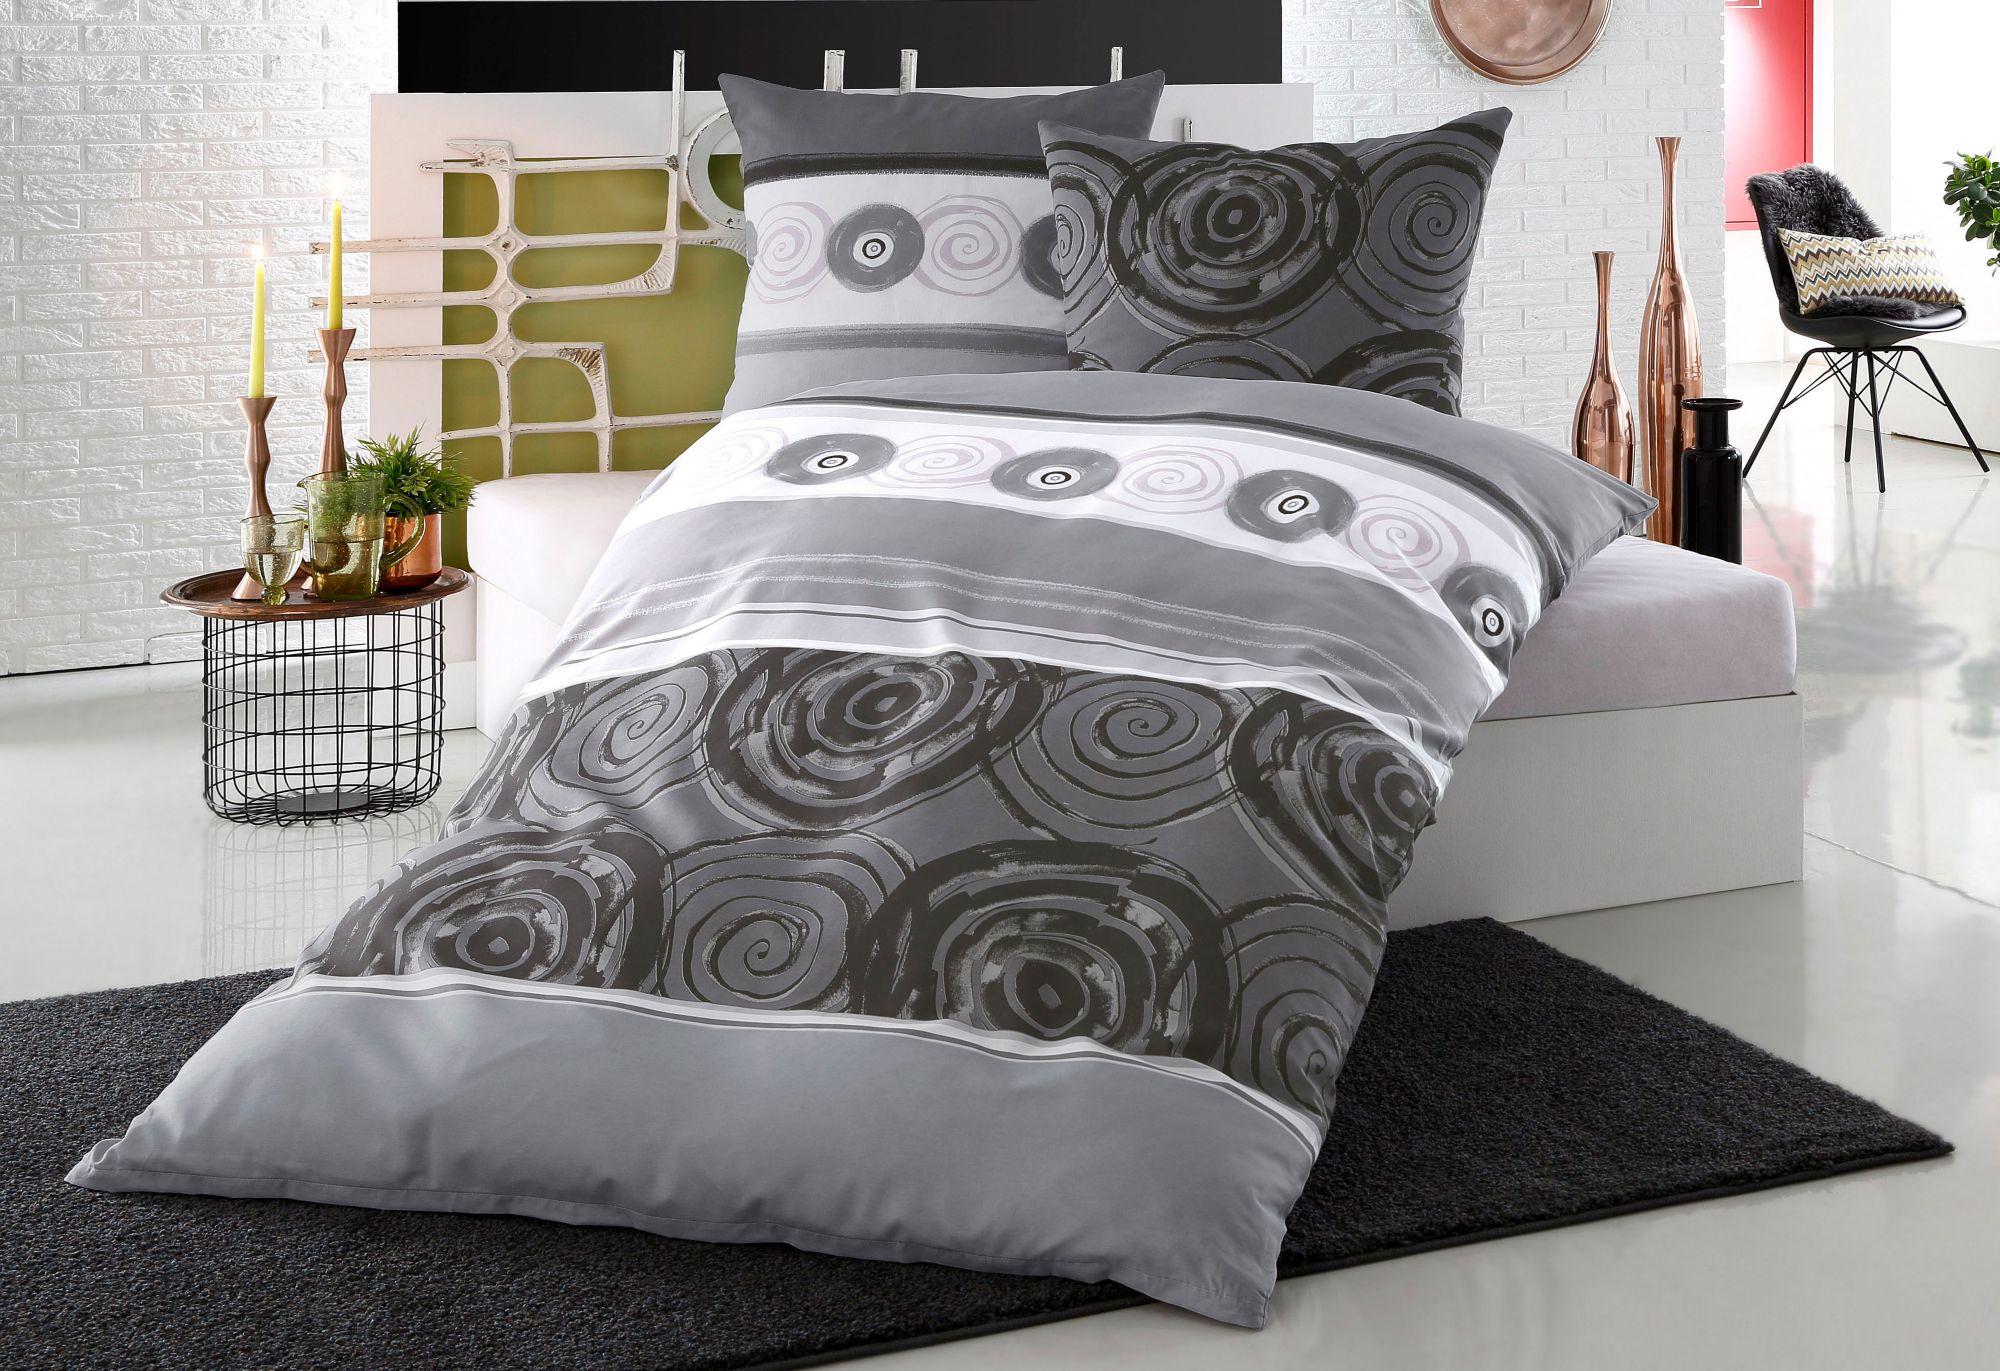 bettw sche auro hometextiles tyler mit kreisf rmigen. Black Bedroom Furniture Sets. Home Design Ideas